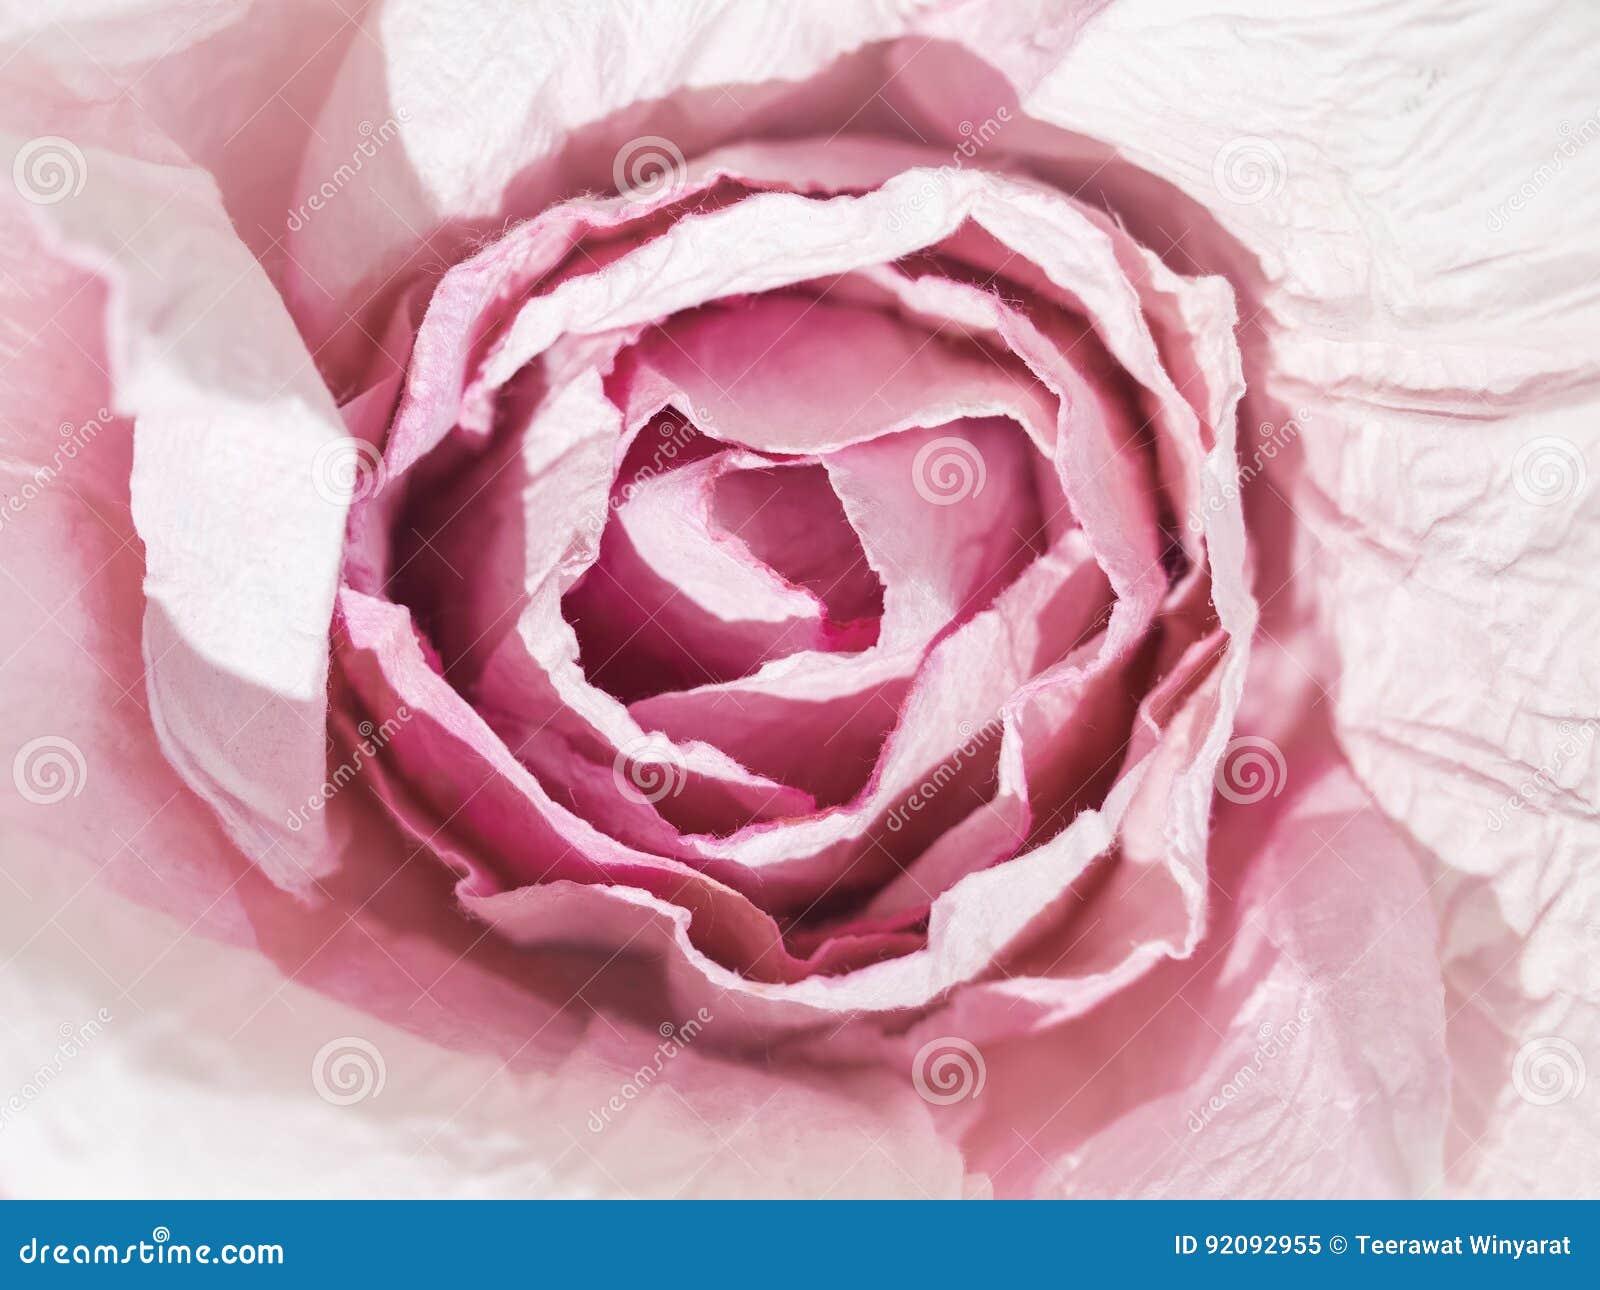 Rose flower bloom paper craft love concept stock image image rose flower bloom paper craft love concept jeuxipadfo Images